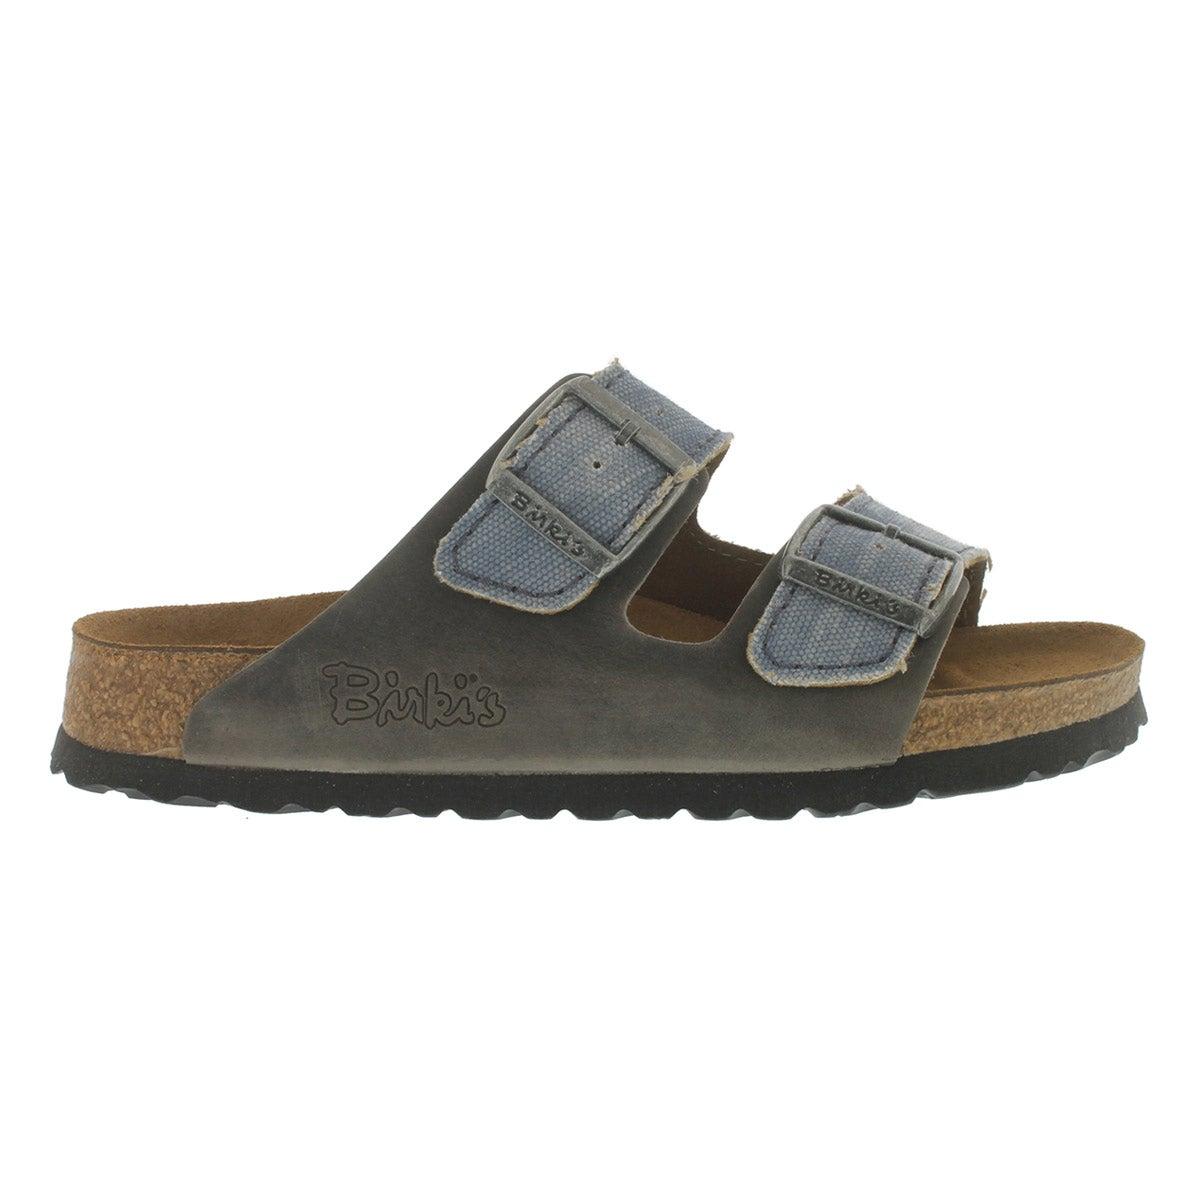 Mns Arizona tie dye grey 2 strap sandal